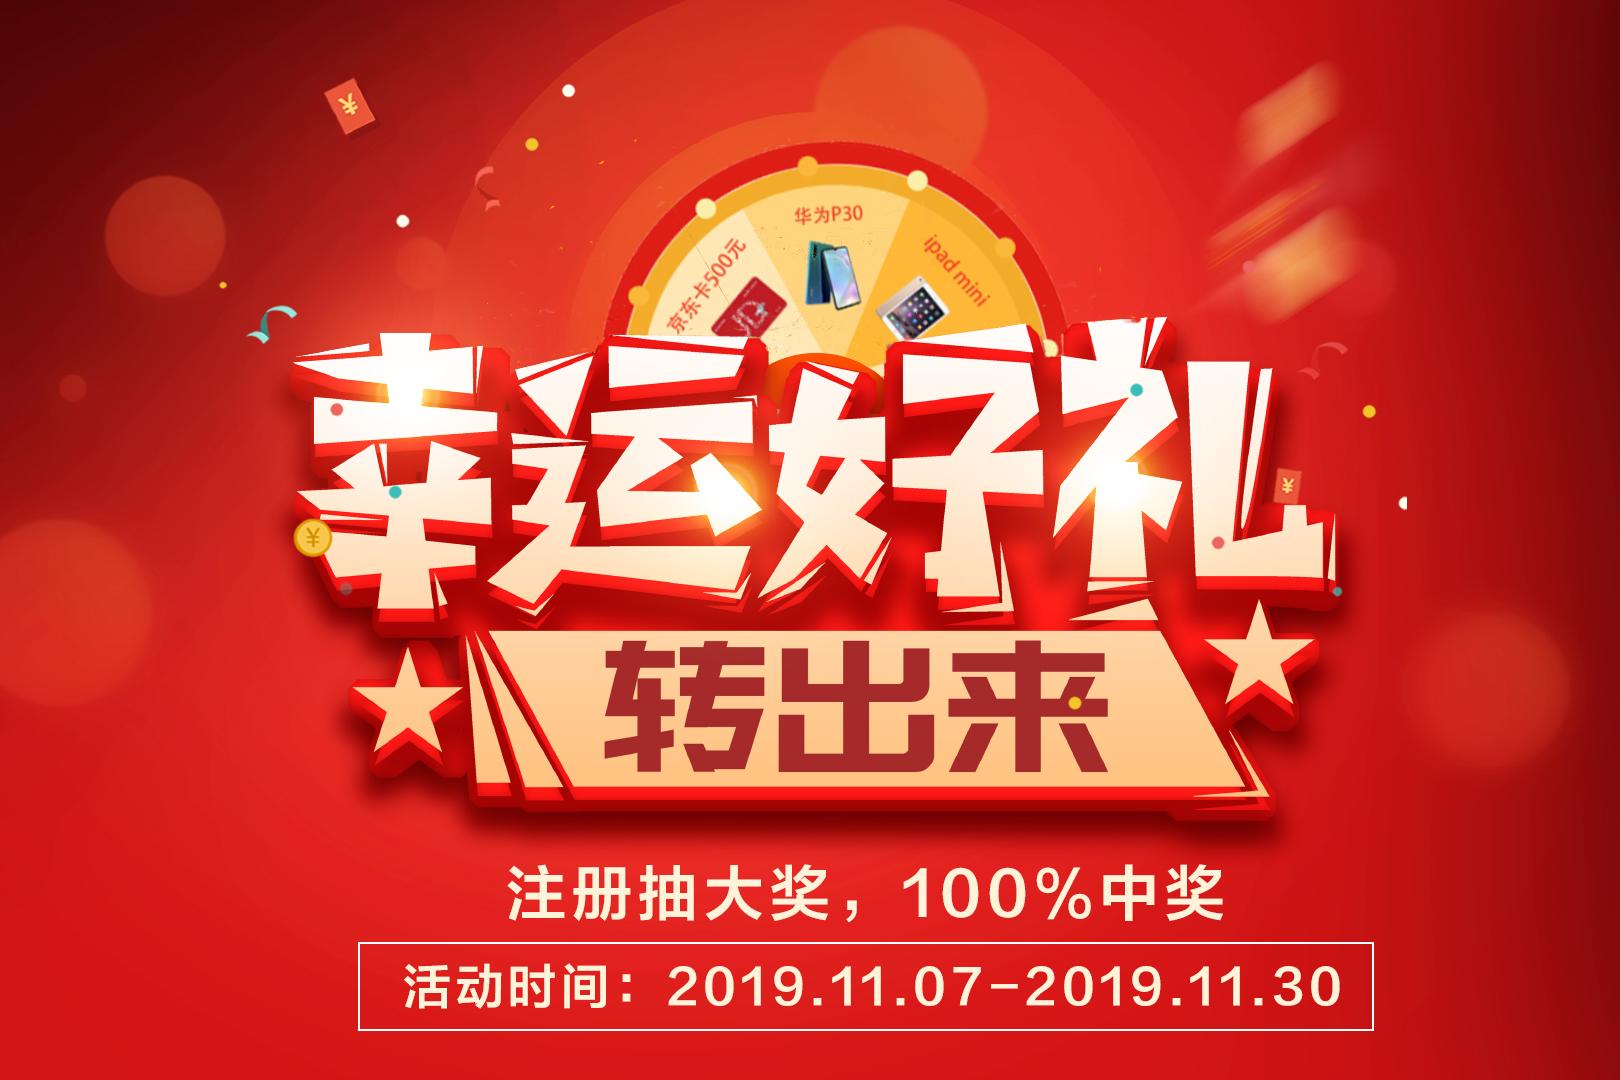 注册有礼,惊喜不断!-www.bncc.org.cn北纳生物